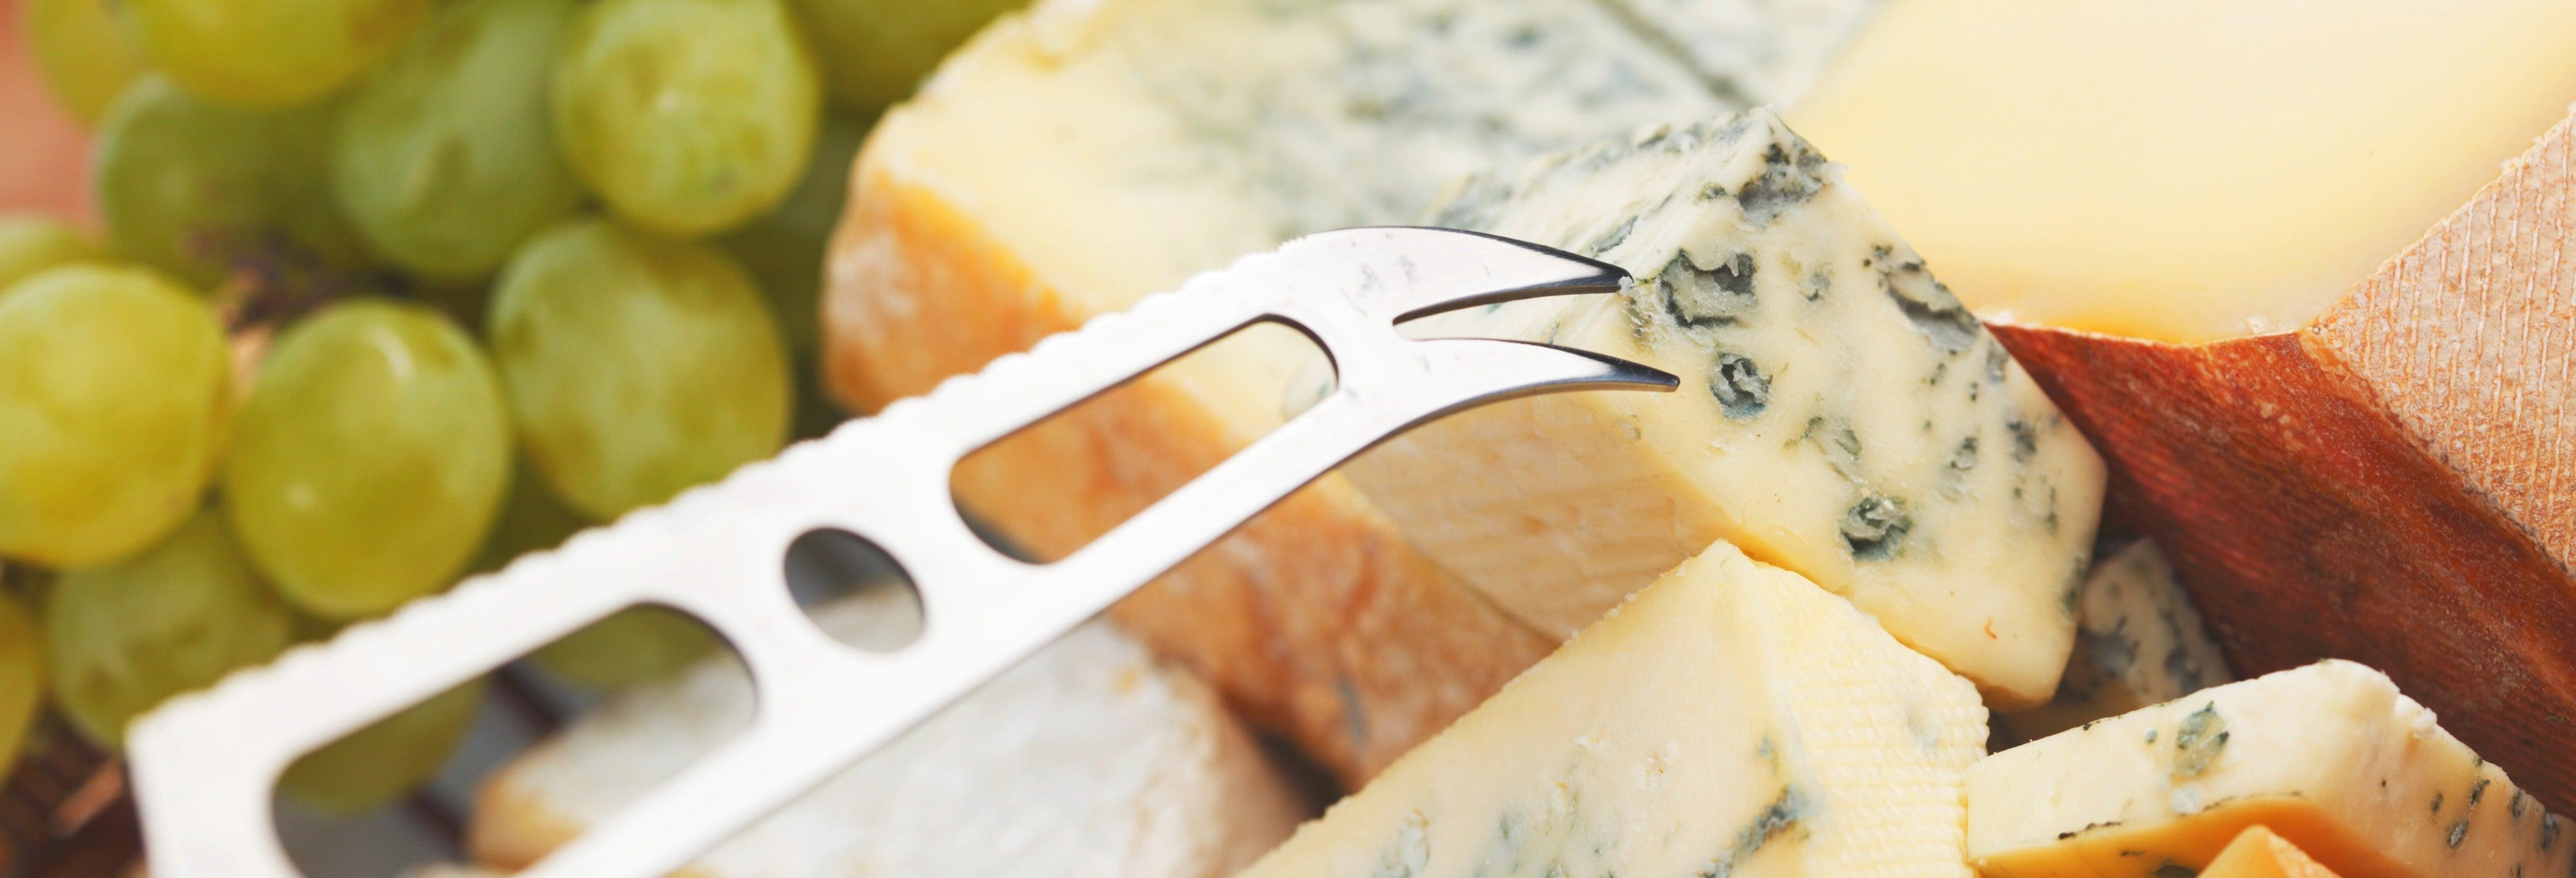 Tour gastronomico del mercato di Strasburgo